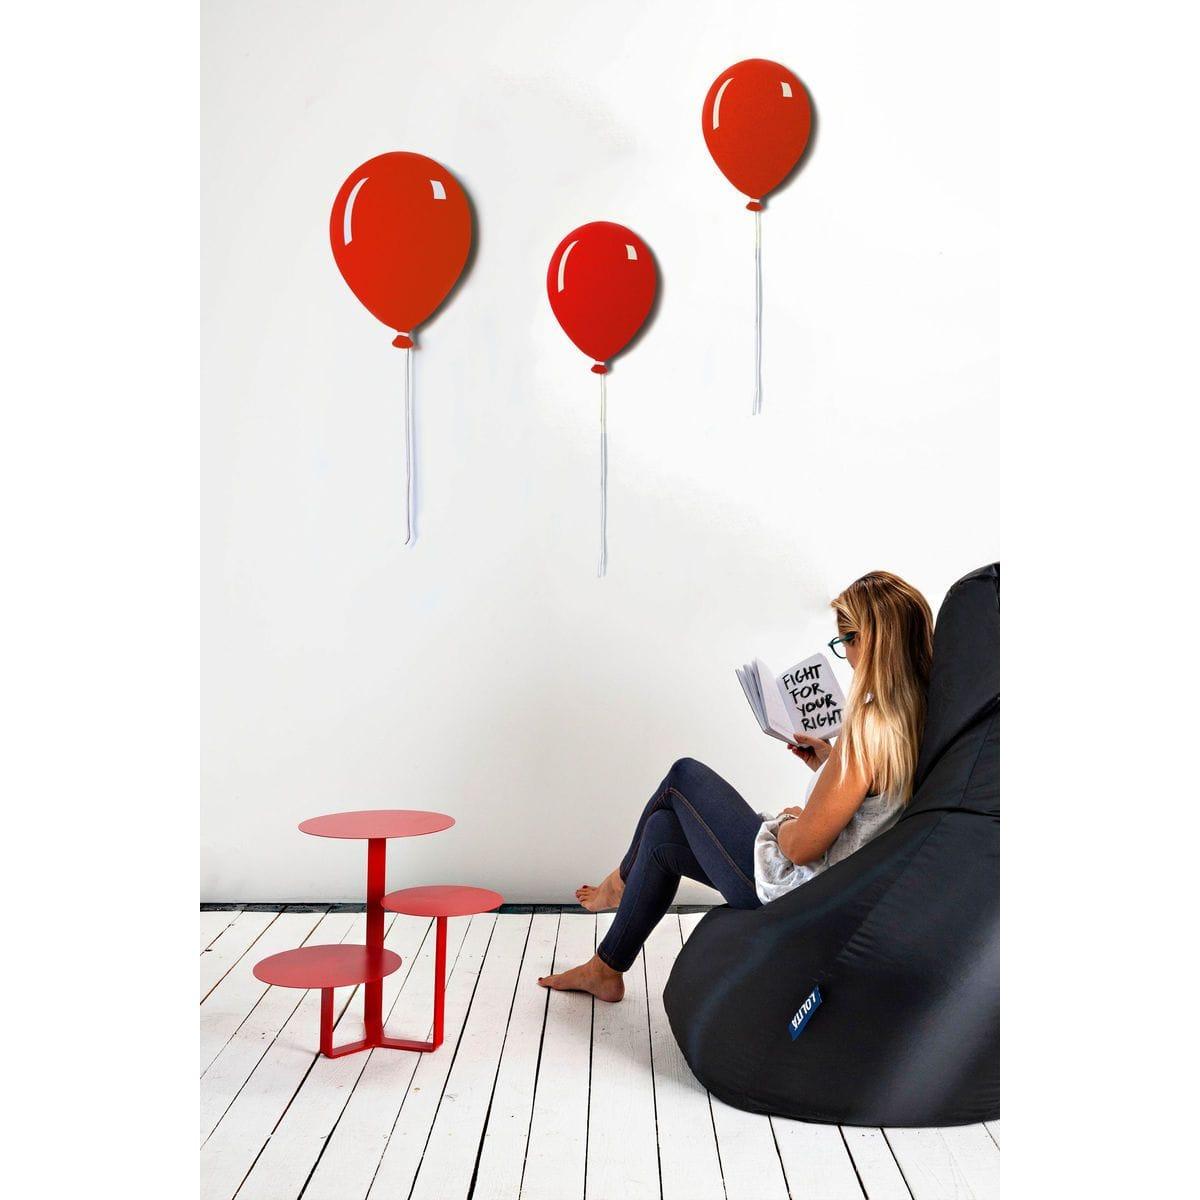 Pannelli da parete decorativi a forma di palloncino piatto con filo bianco di colore rosso